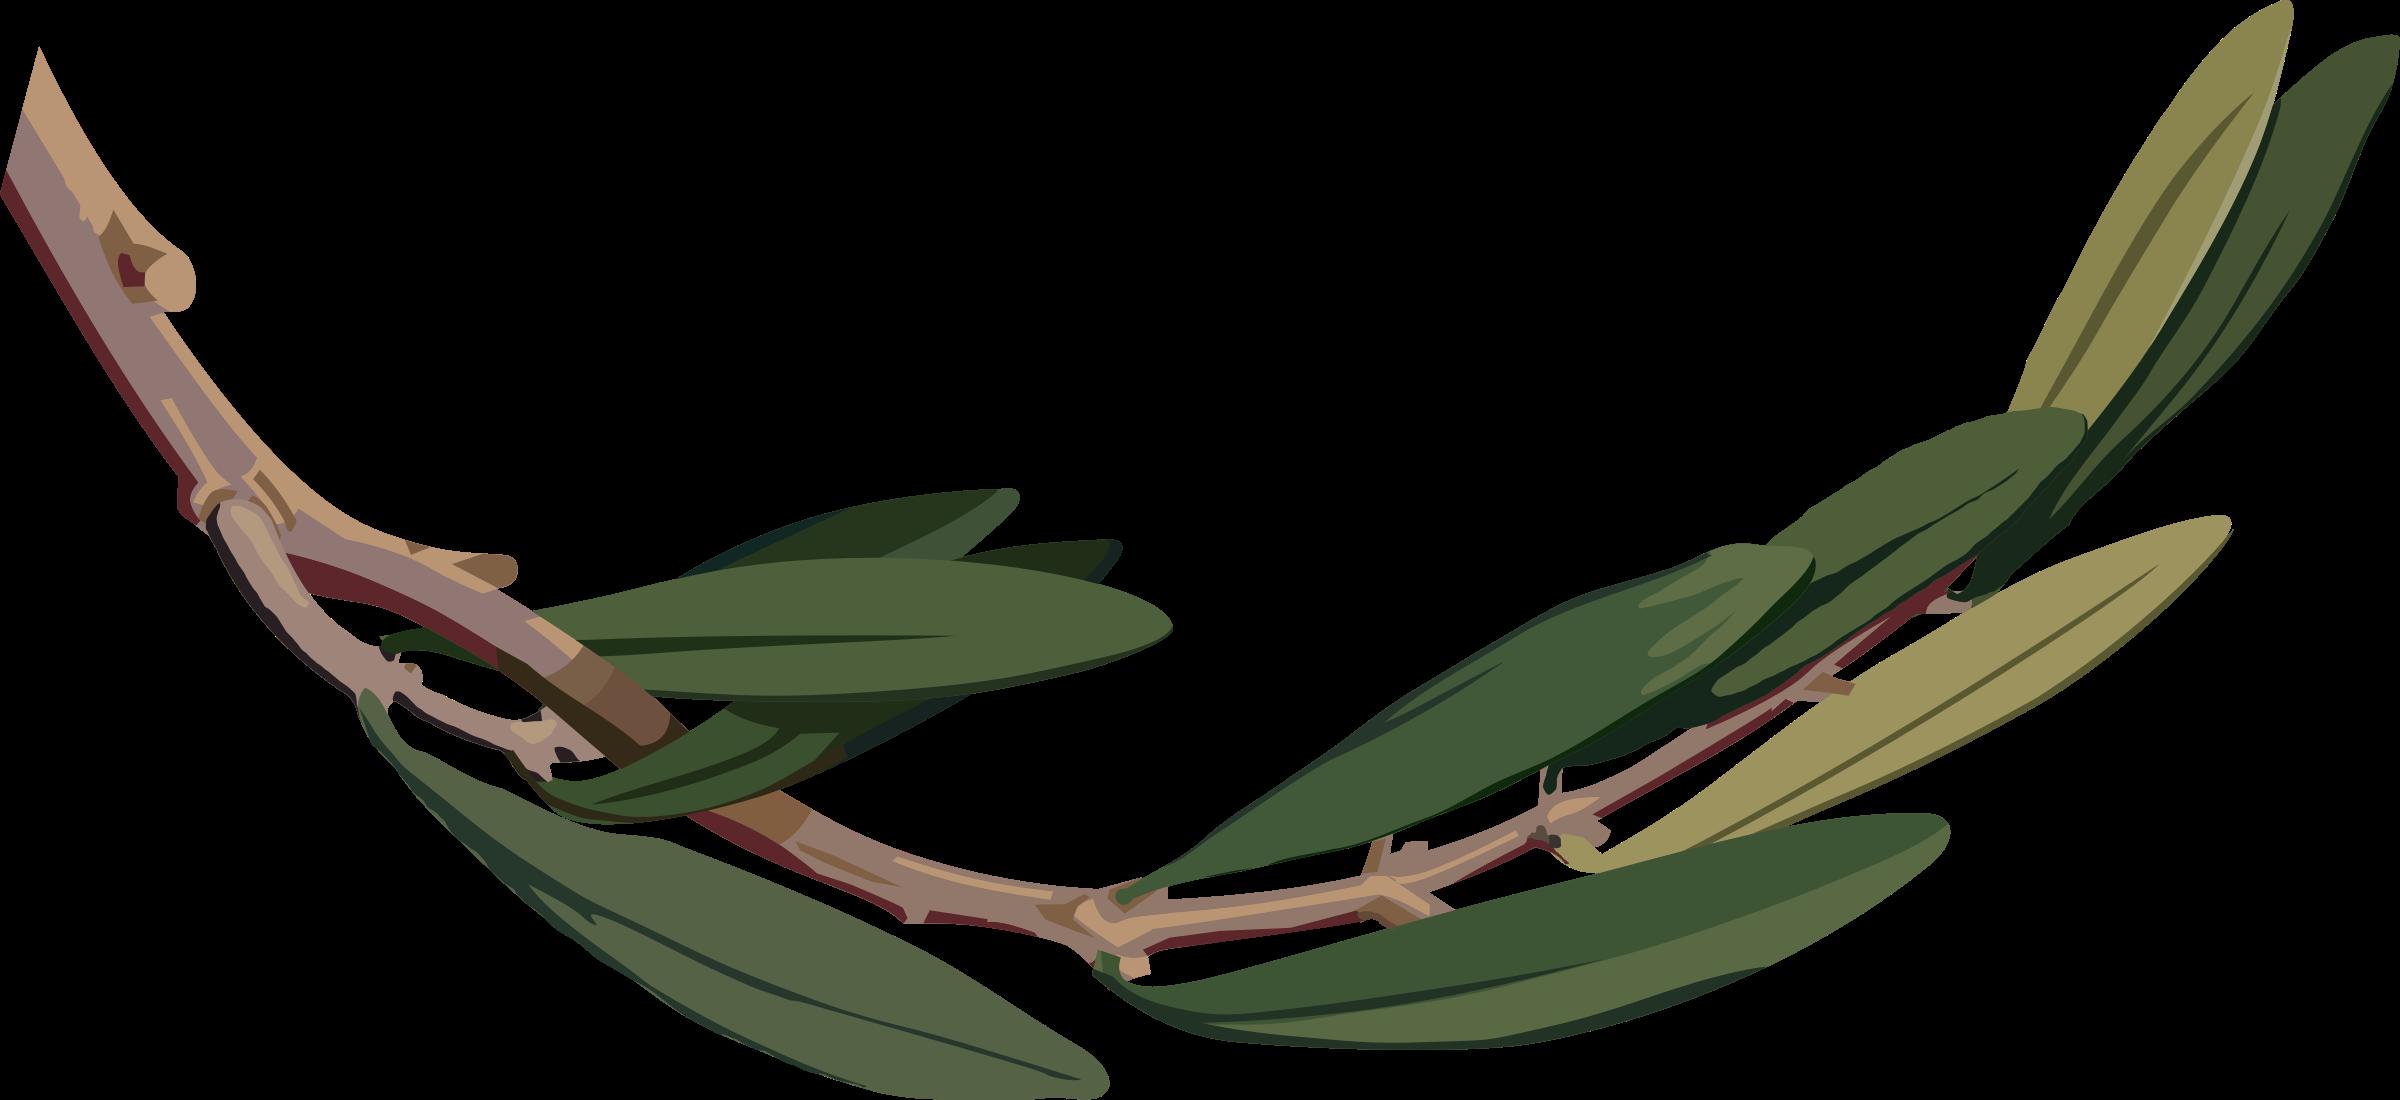 Leaf clipart olive tree. Branch big image png